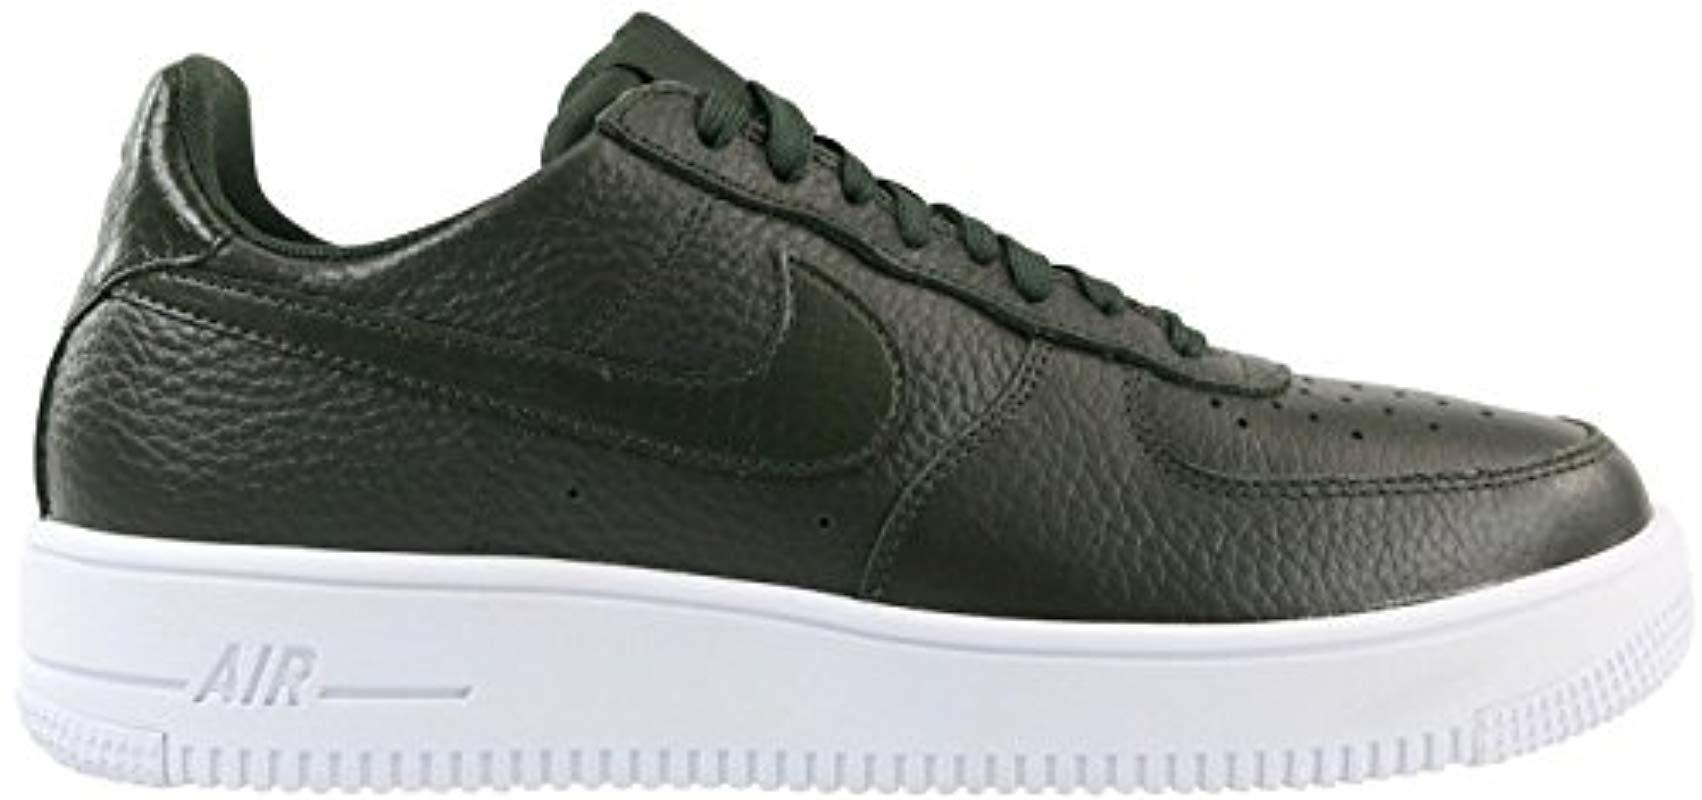 Nike Air Force 1 UltraForce Mid Premium Herren Olive Weiß 921126 002